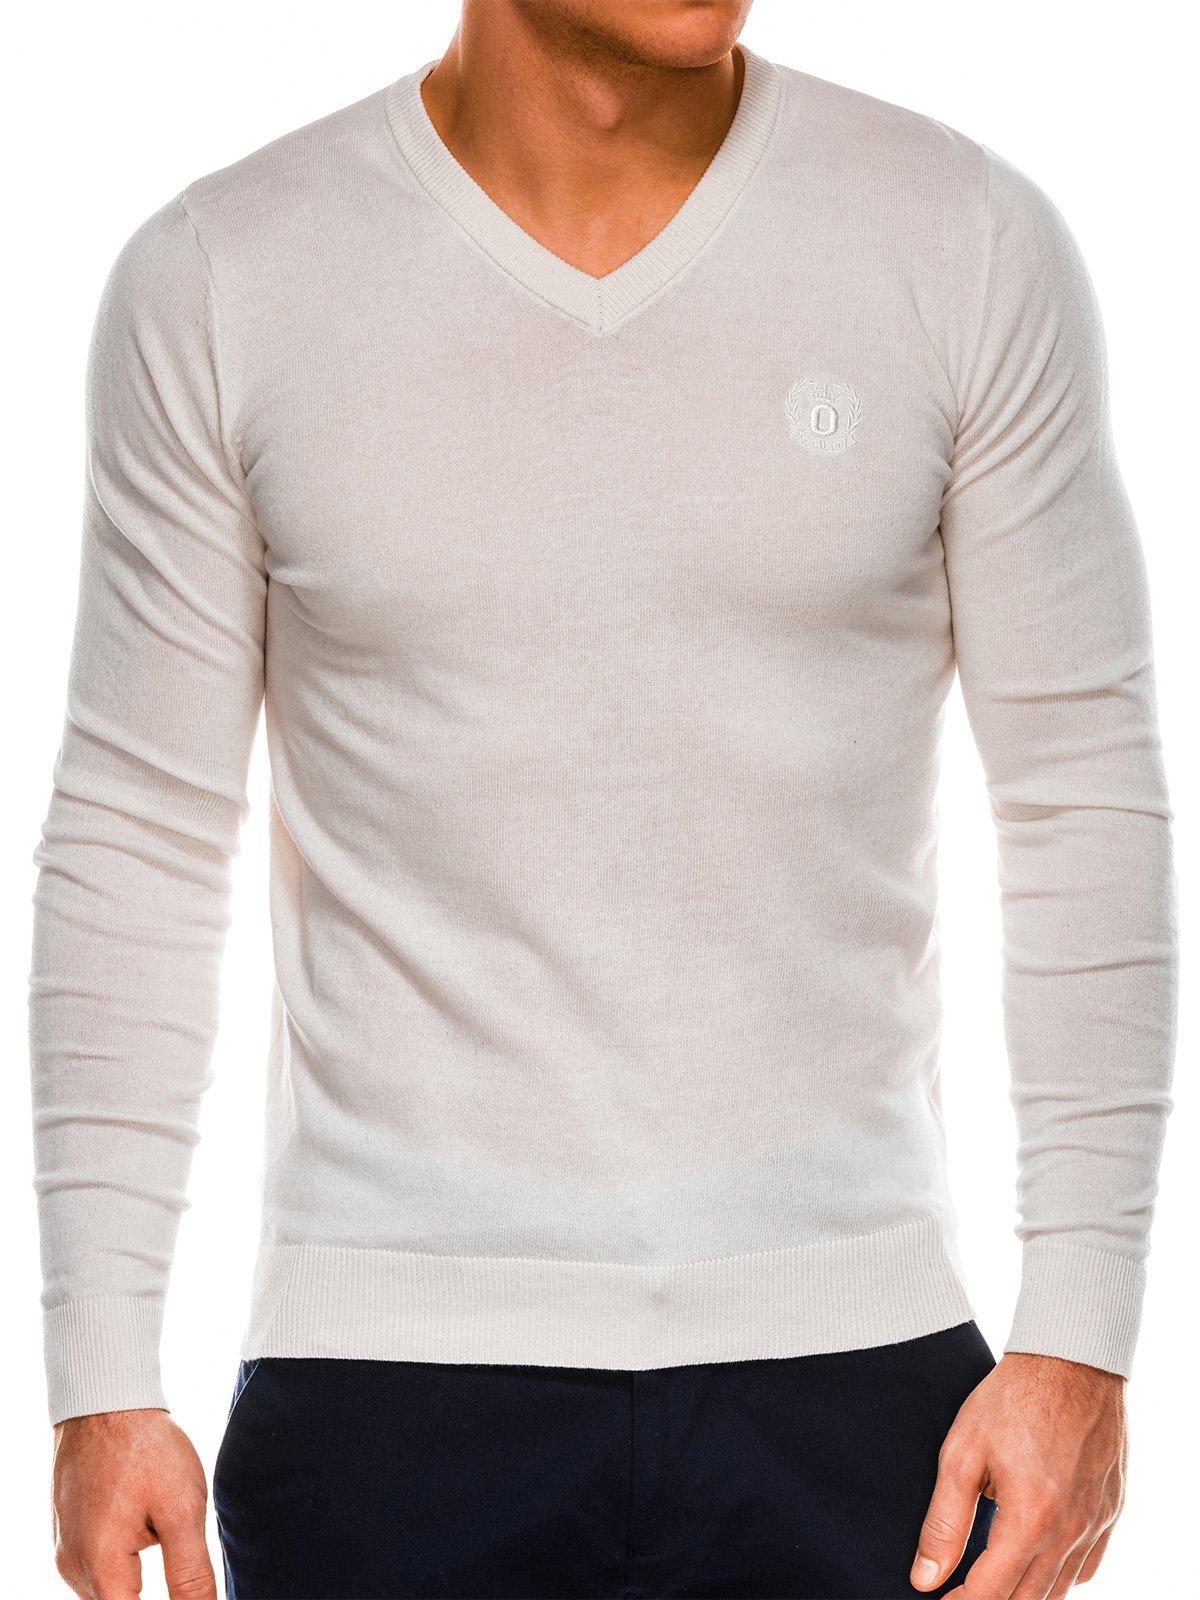 Купить со скидкой Чоловічий светр E74 - сіро-бежевий